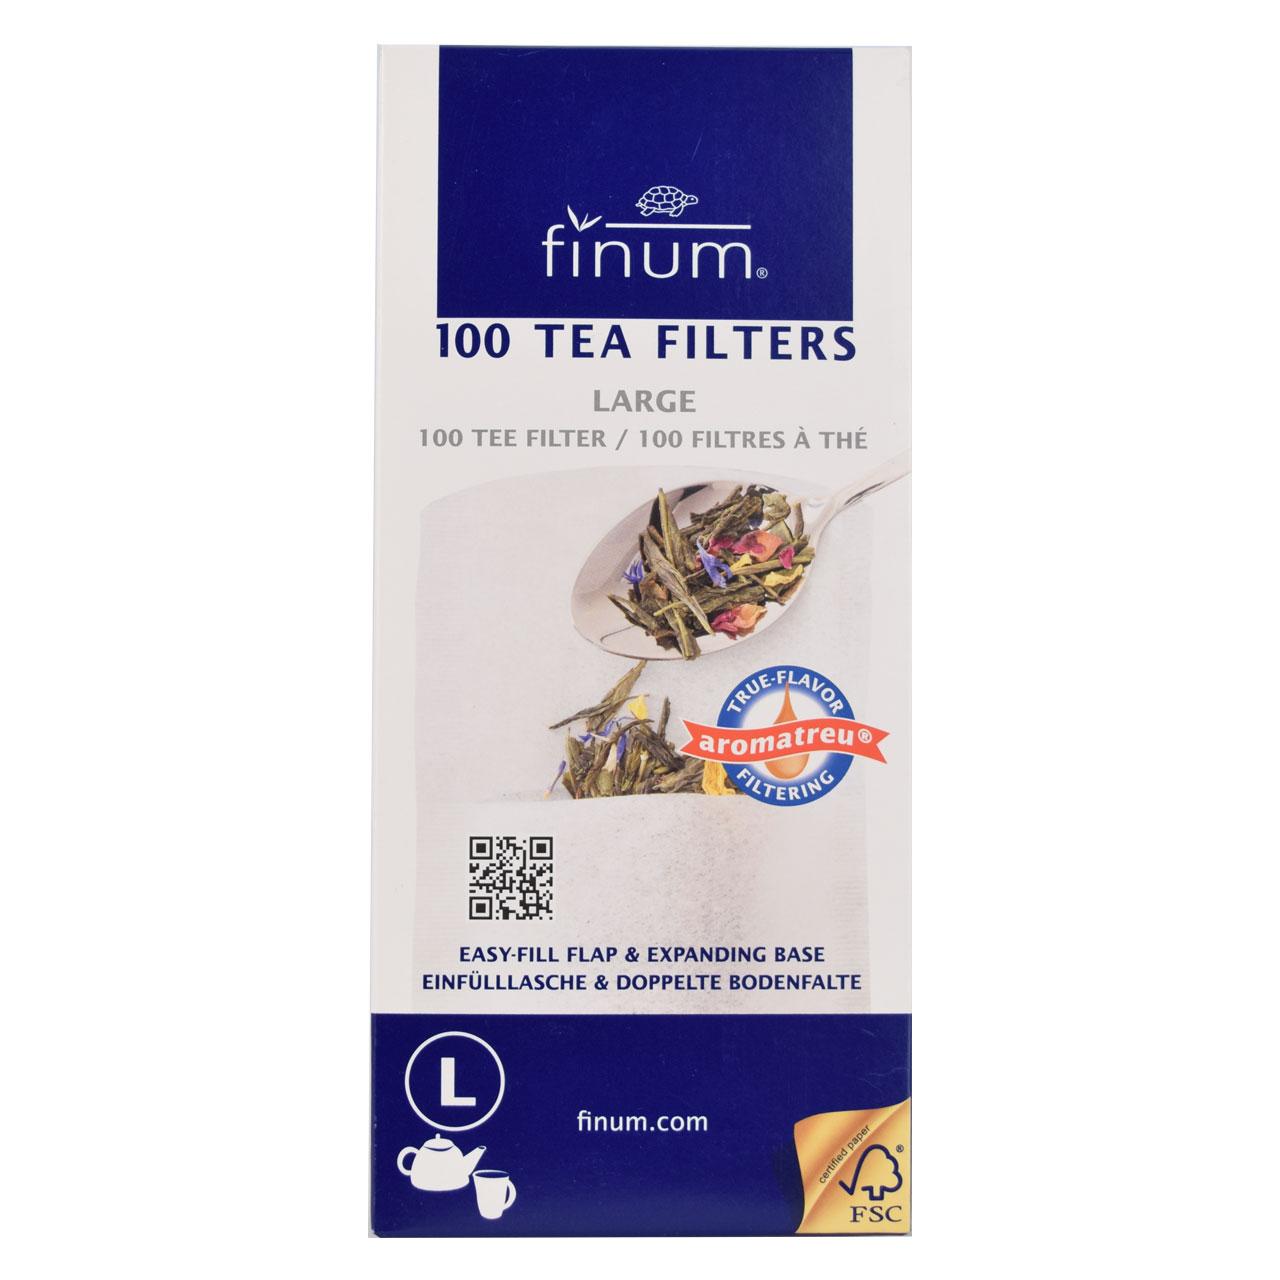 فیلتر چای و دمنوش ۱۰۰ عددی فینوم – finum